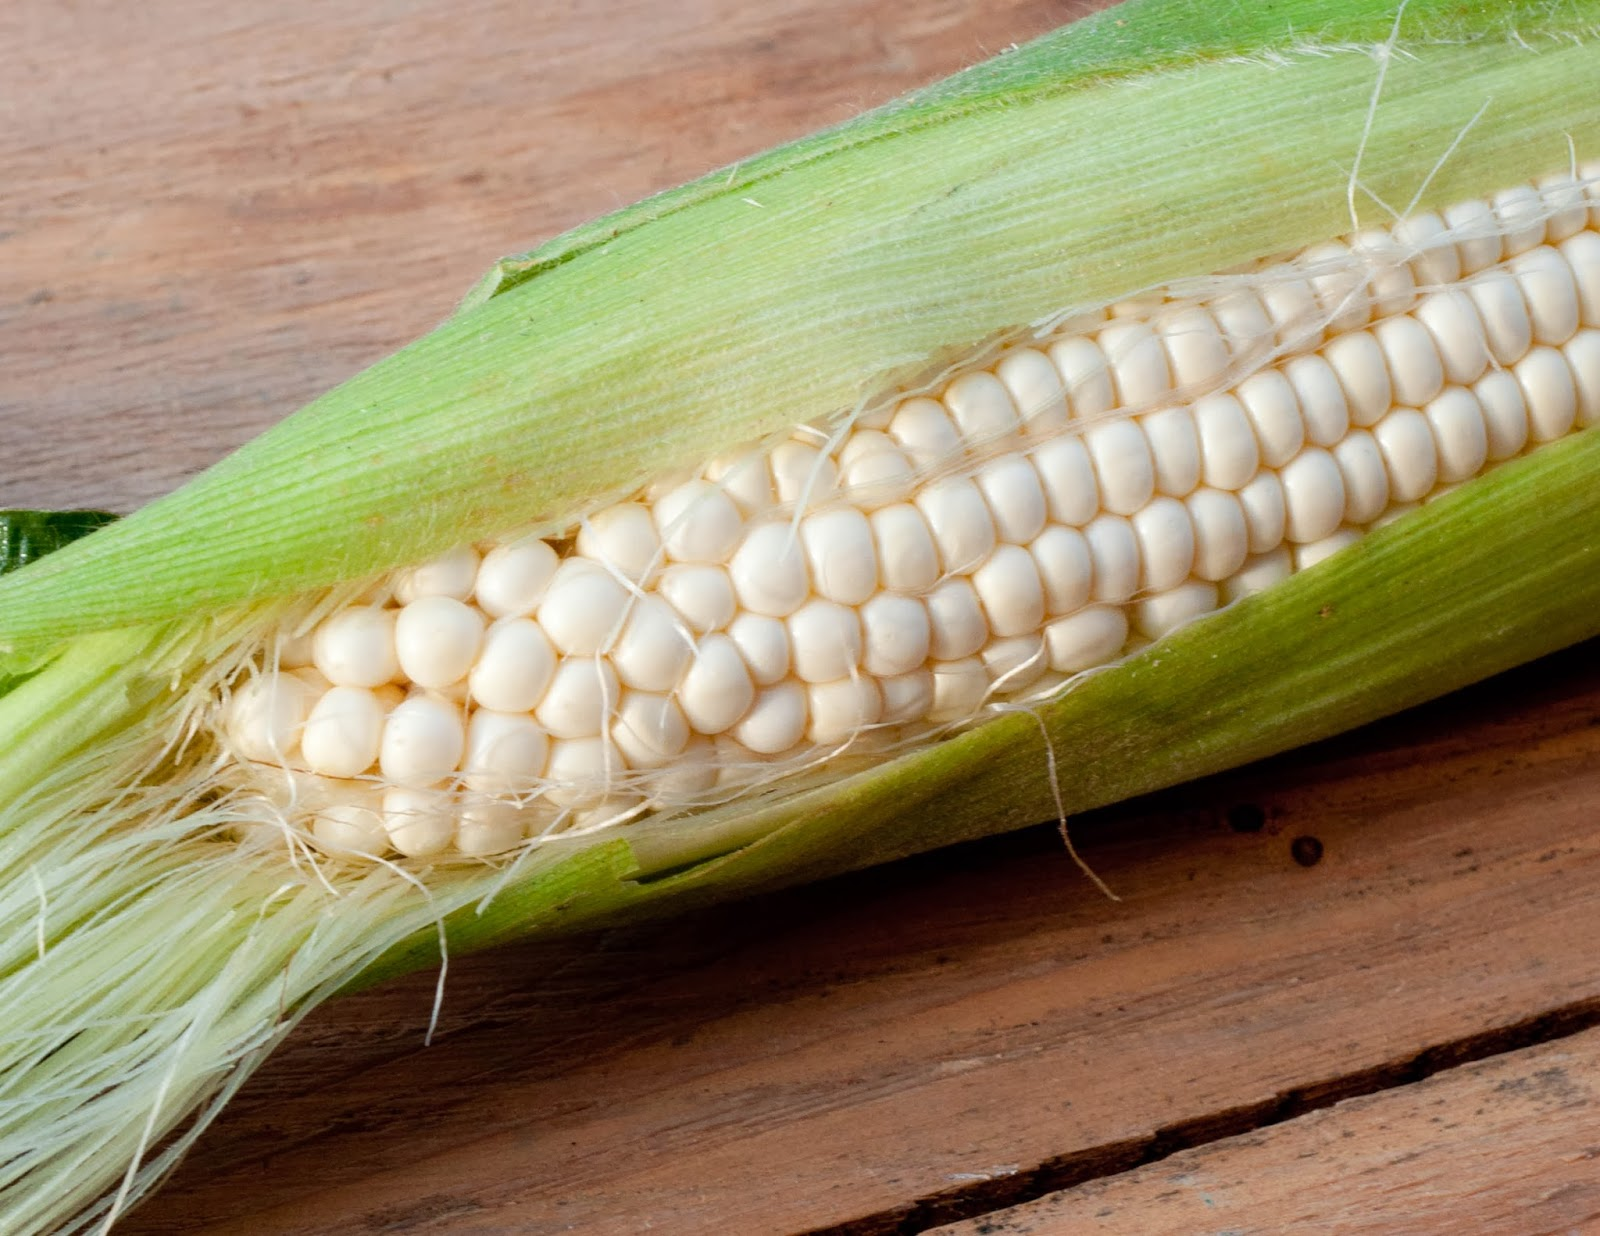 Robson S Farm The Worm In Corn Vs Gmo